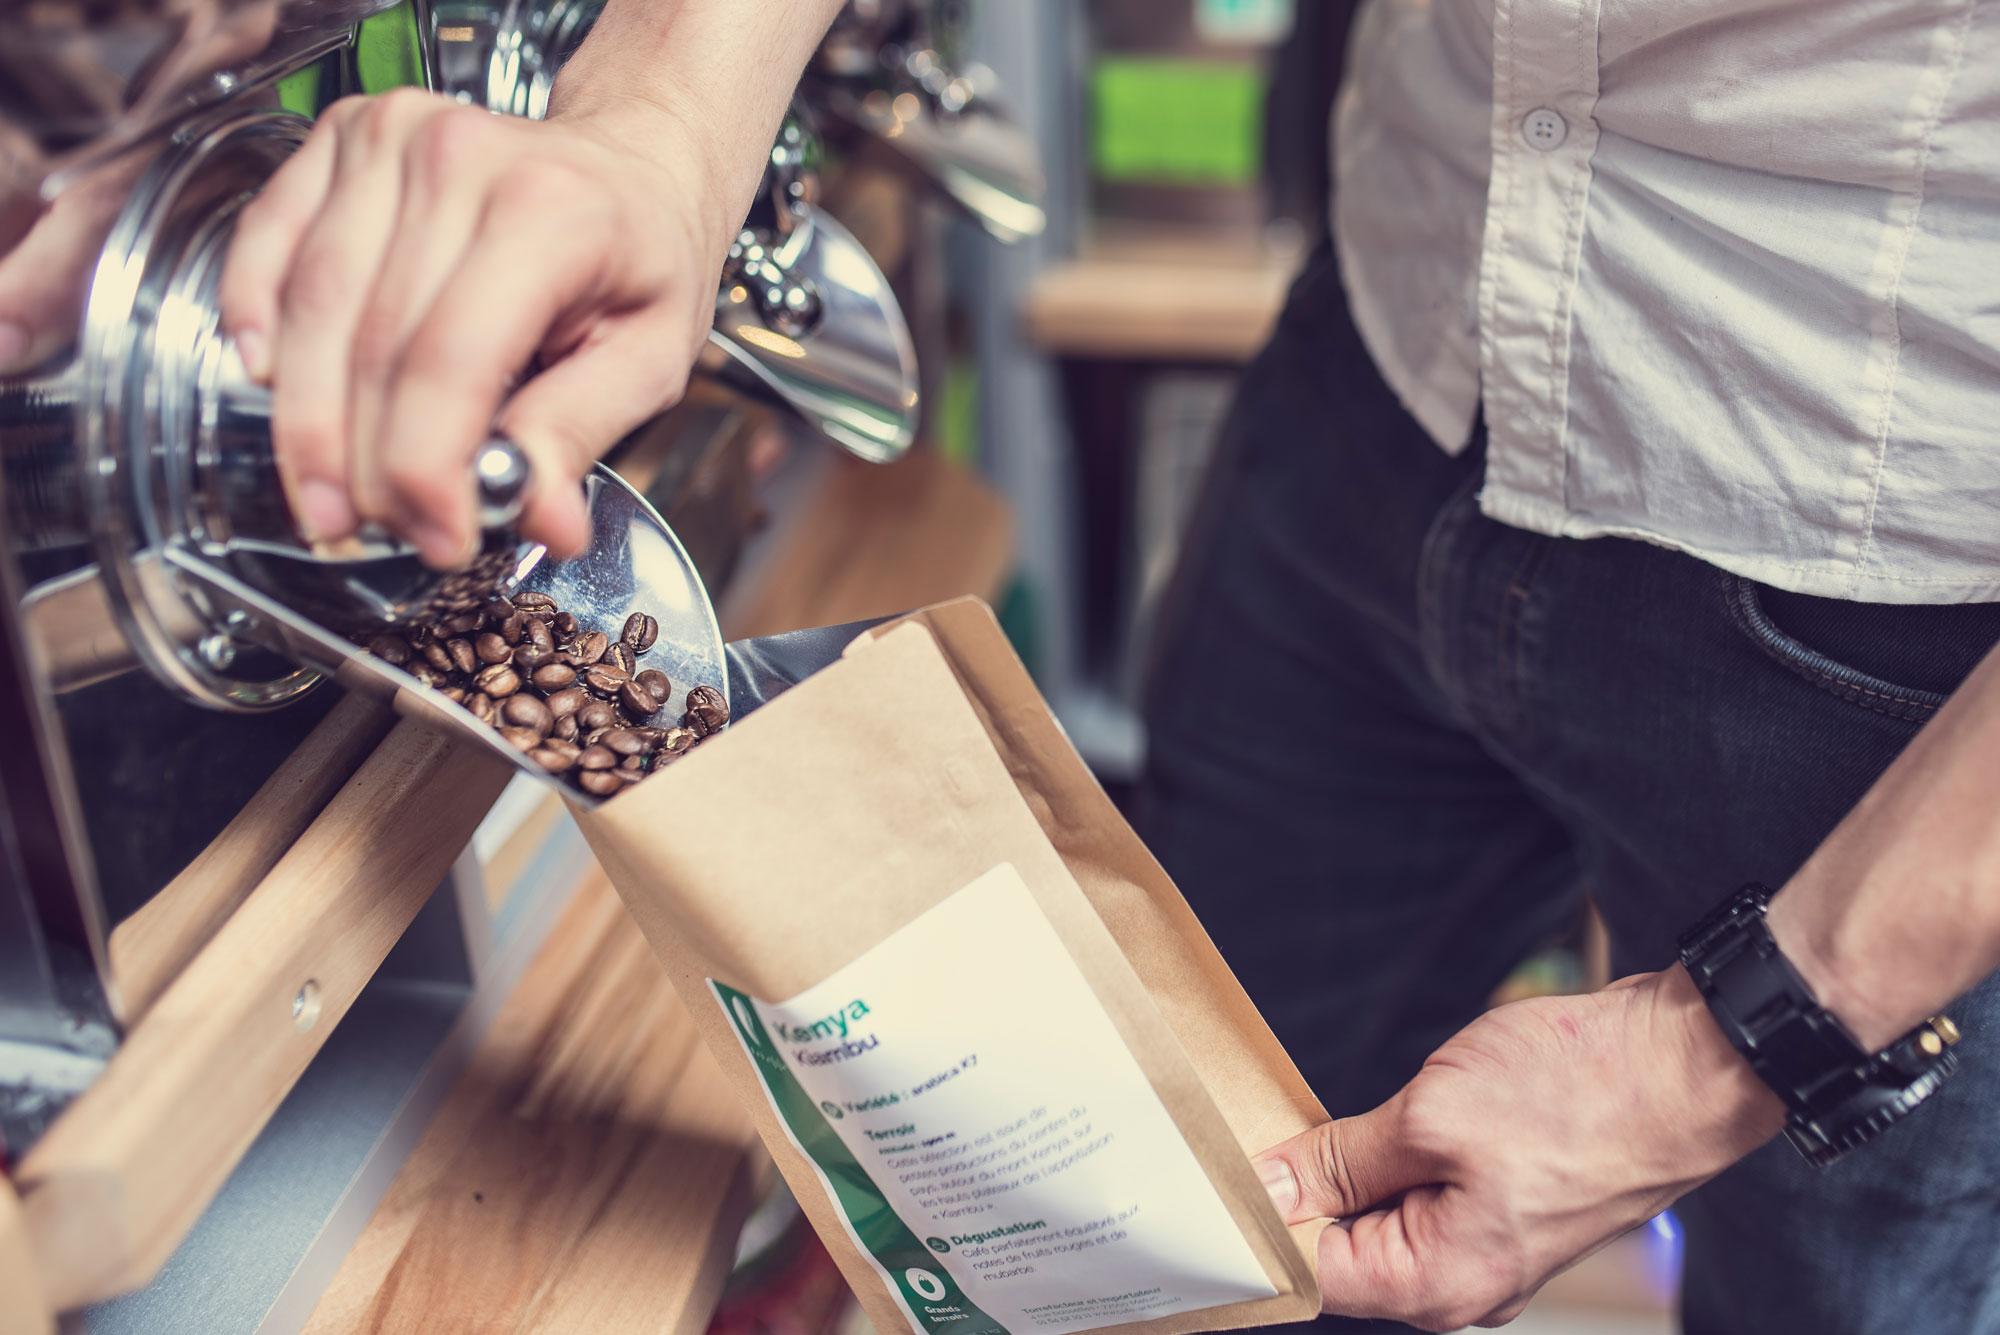 Anbassa-artisan-torrefacteur-boutique-et-coffee-shop